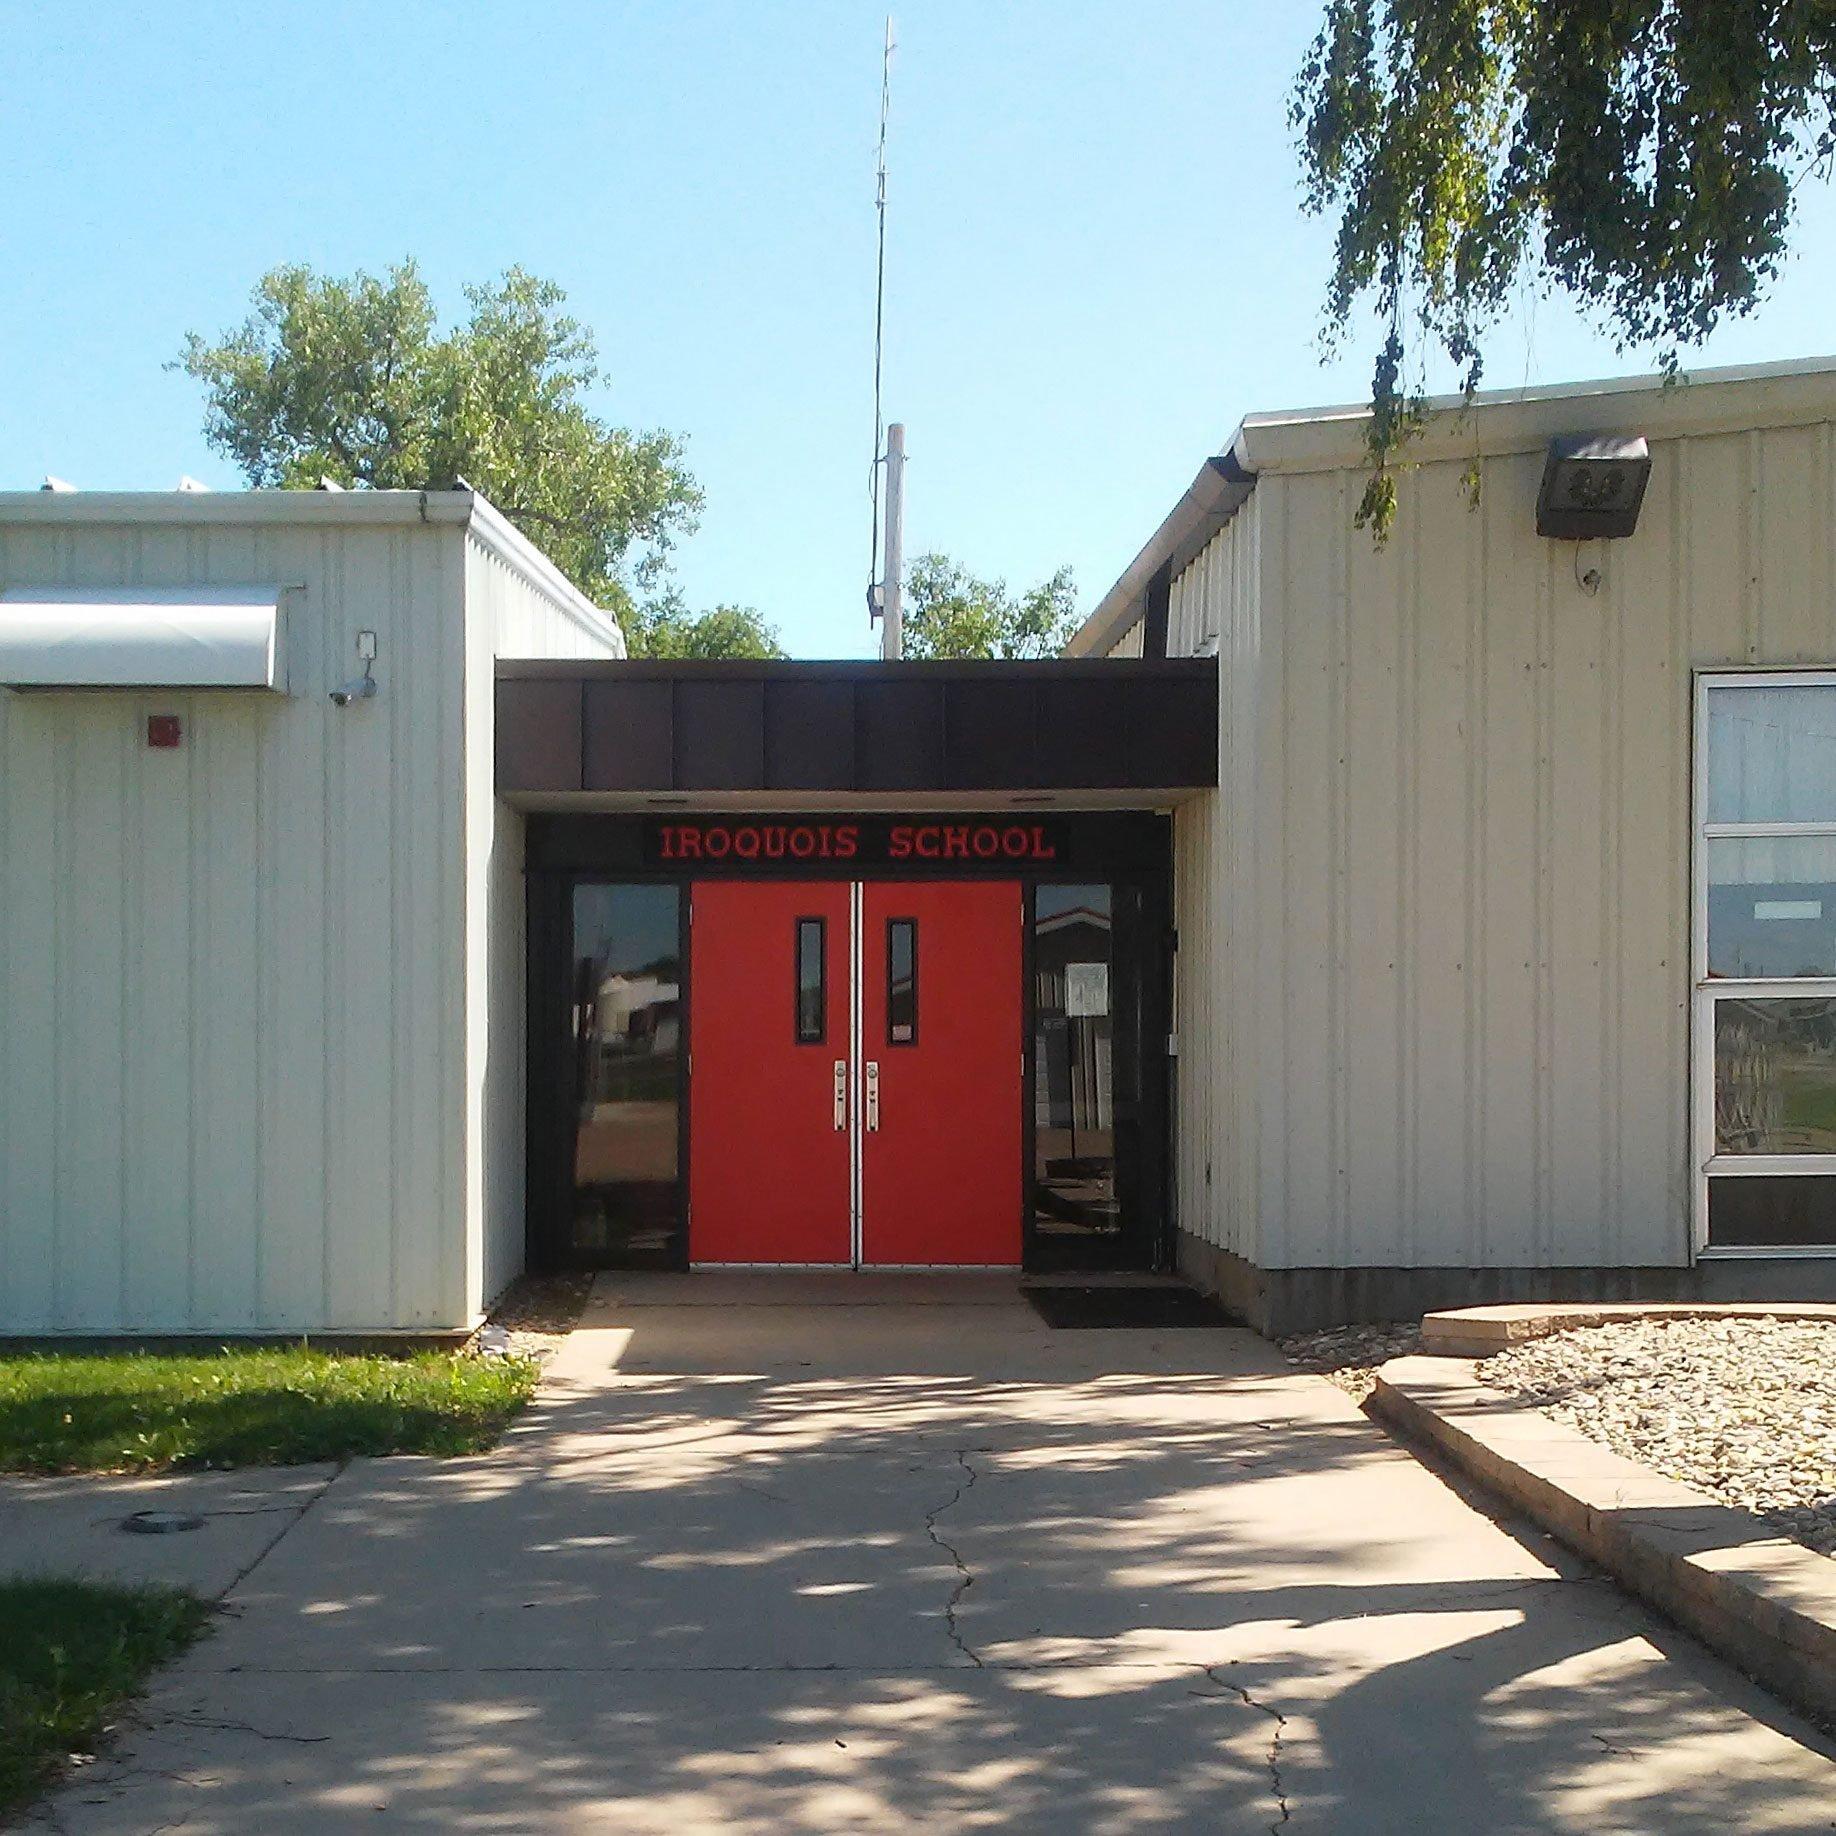 the iroquois school